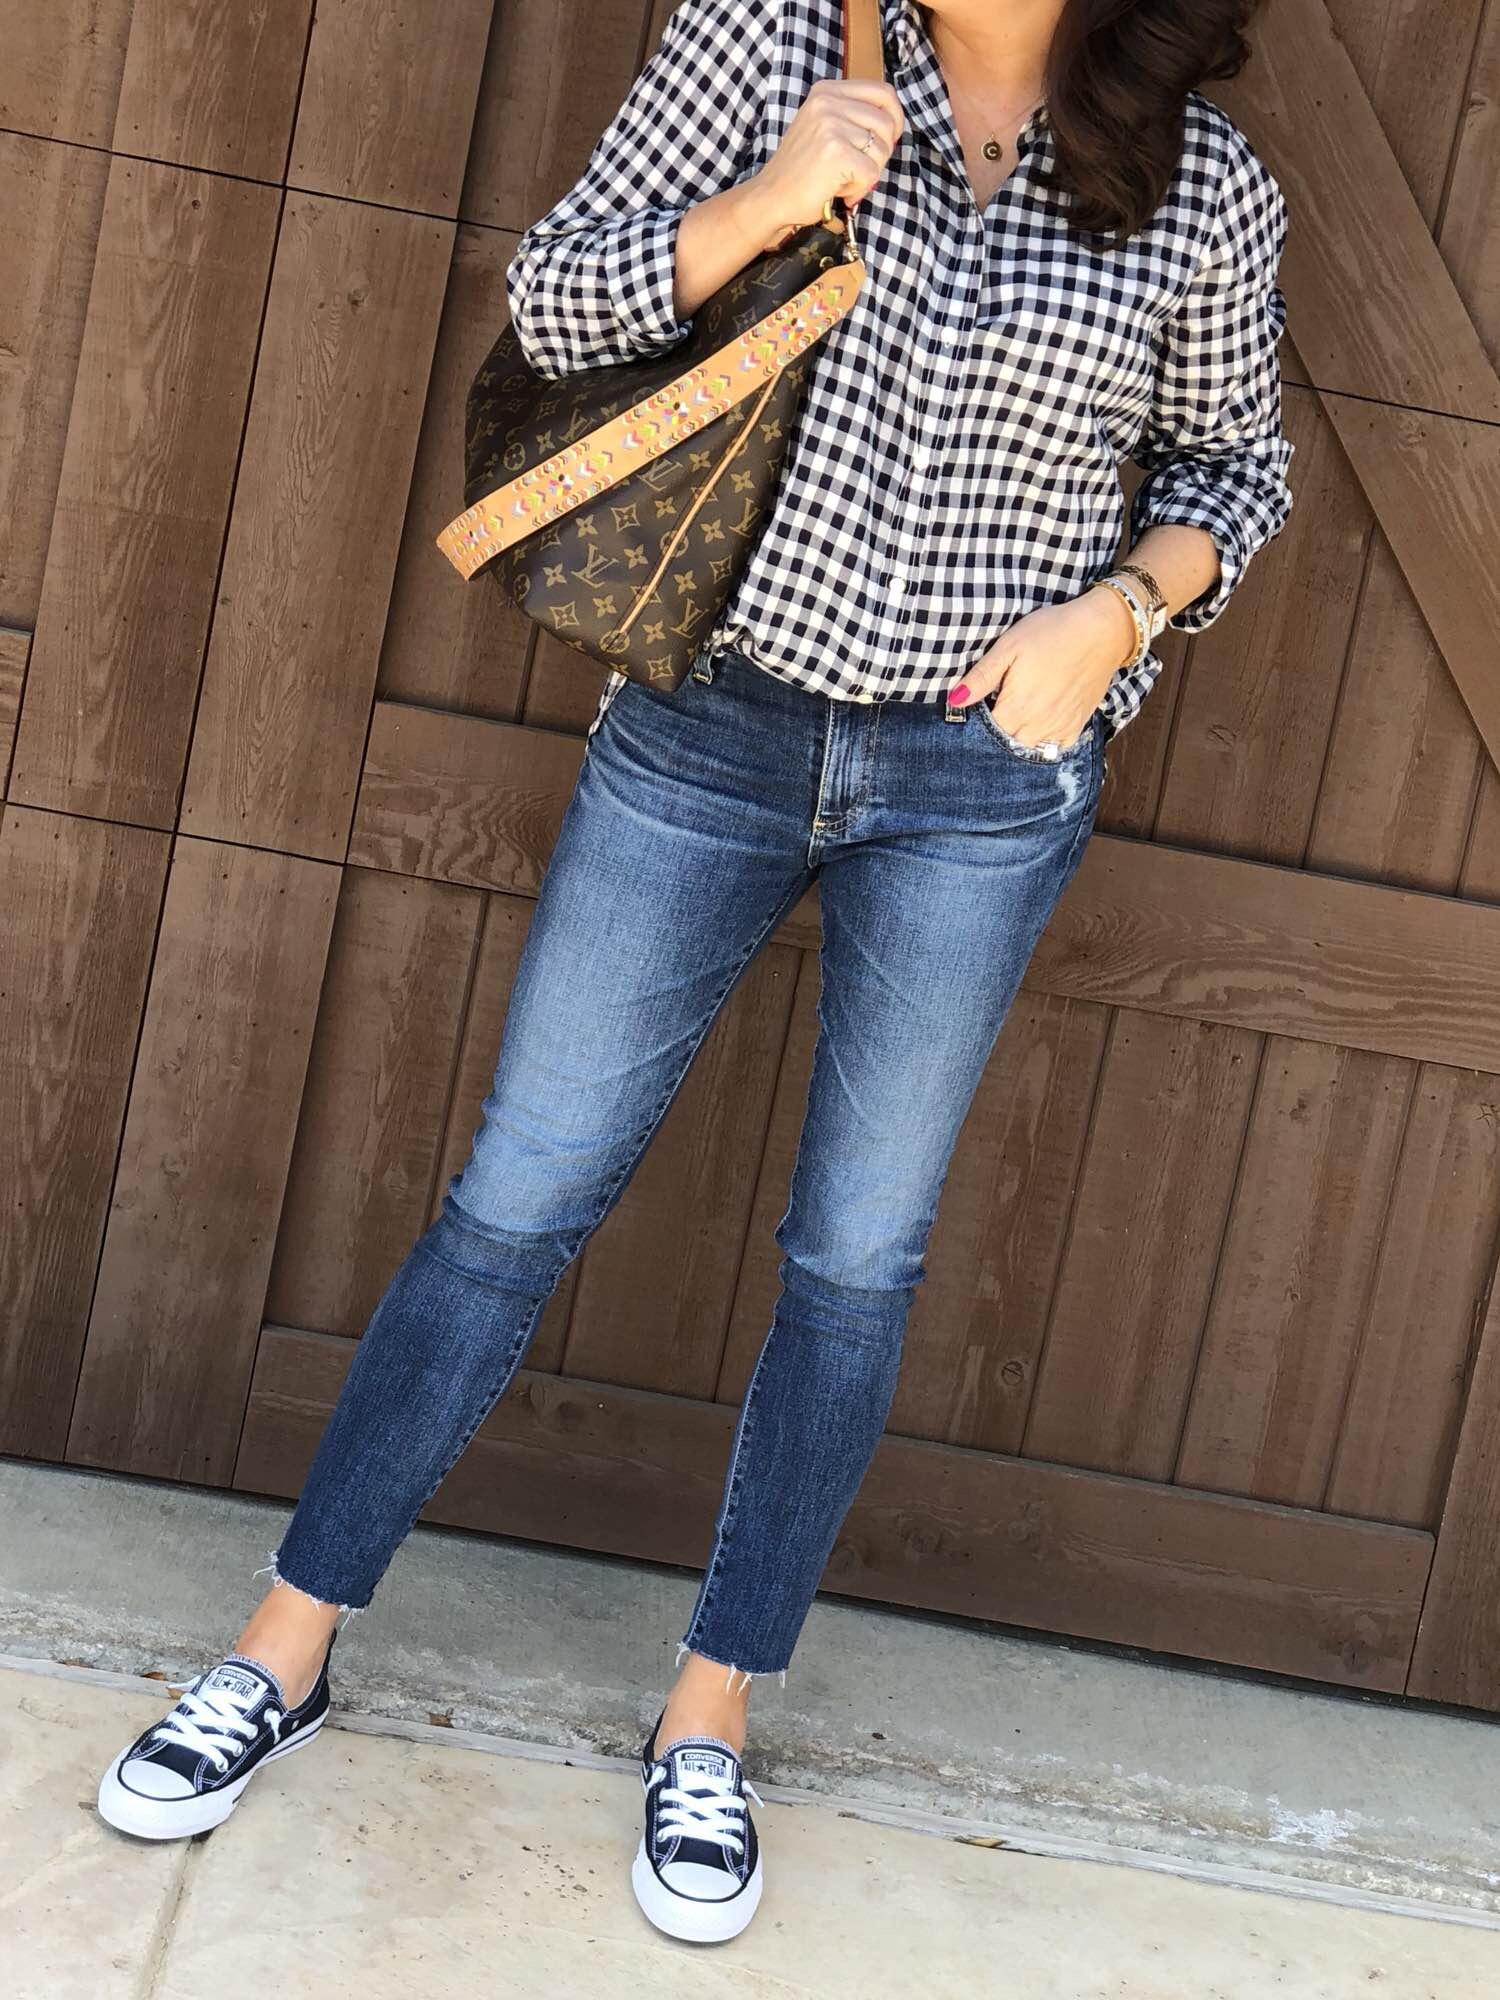 Texas Tease Teasing Brush by Drybar #19